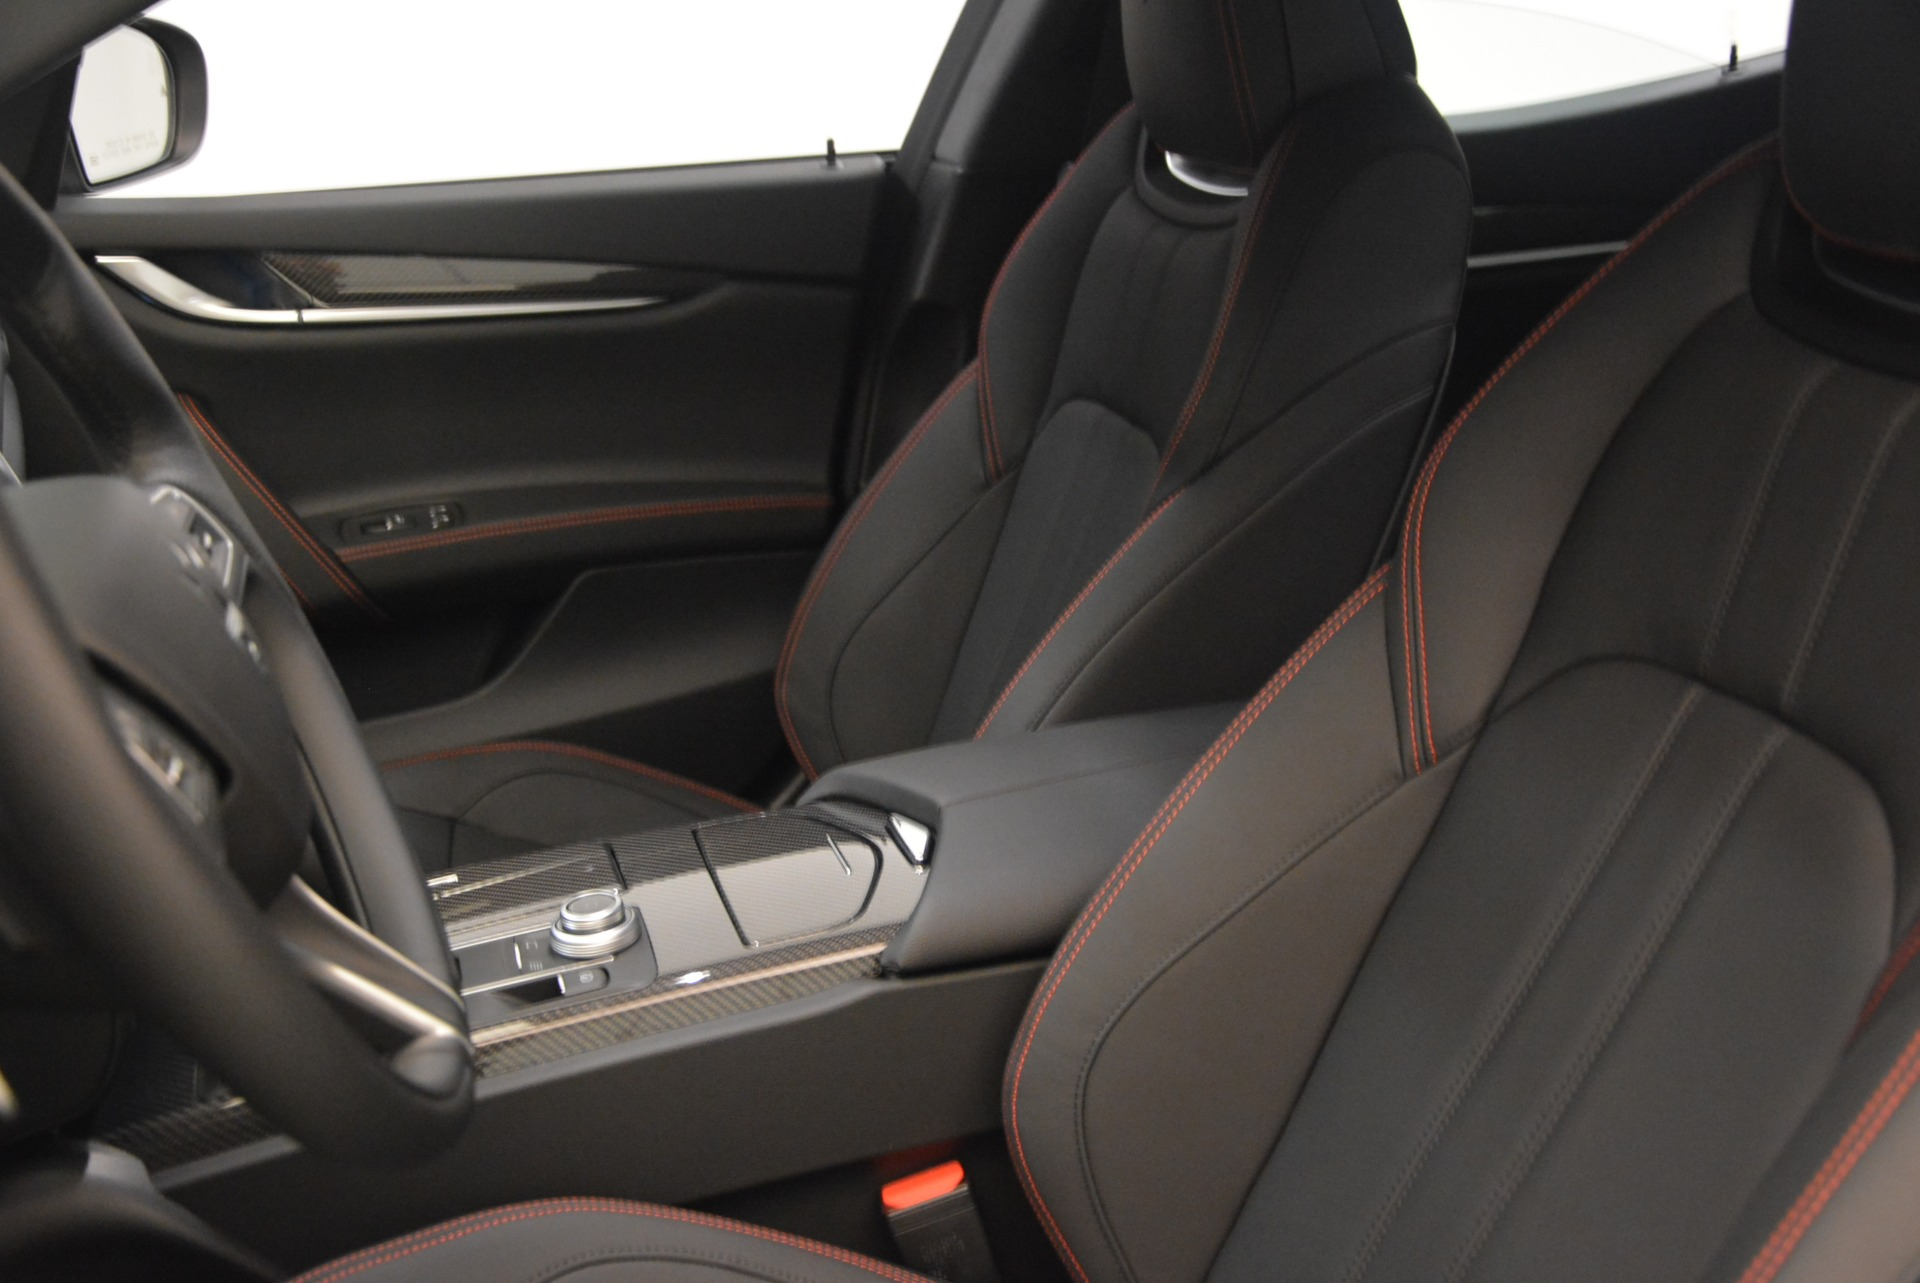 New 2018 Maserati Ghibli SQ4 GranSport Nerissimo For Sale In Greenwich, CT. Alfa Romeo of Greenwich, M2171 2366_p15